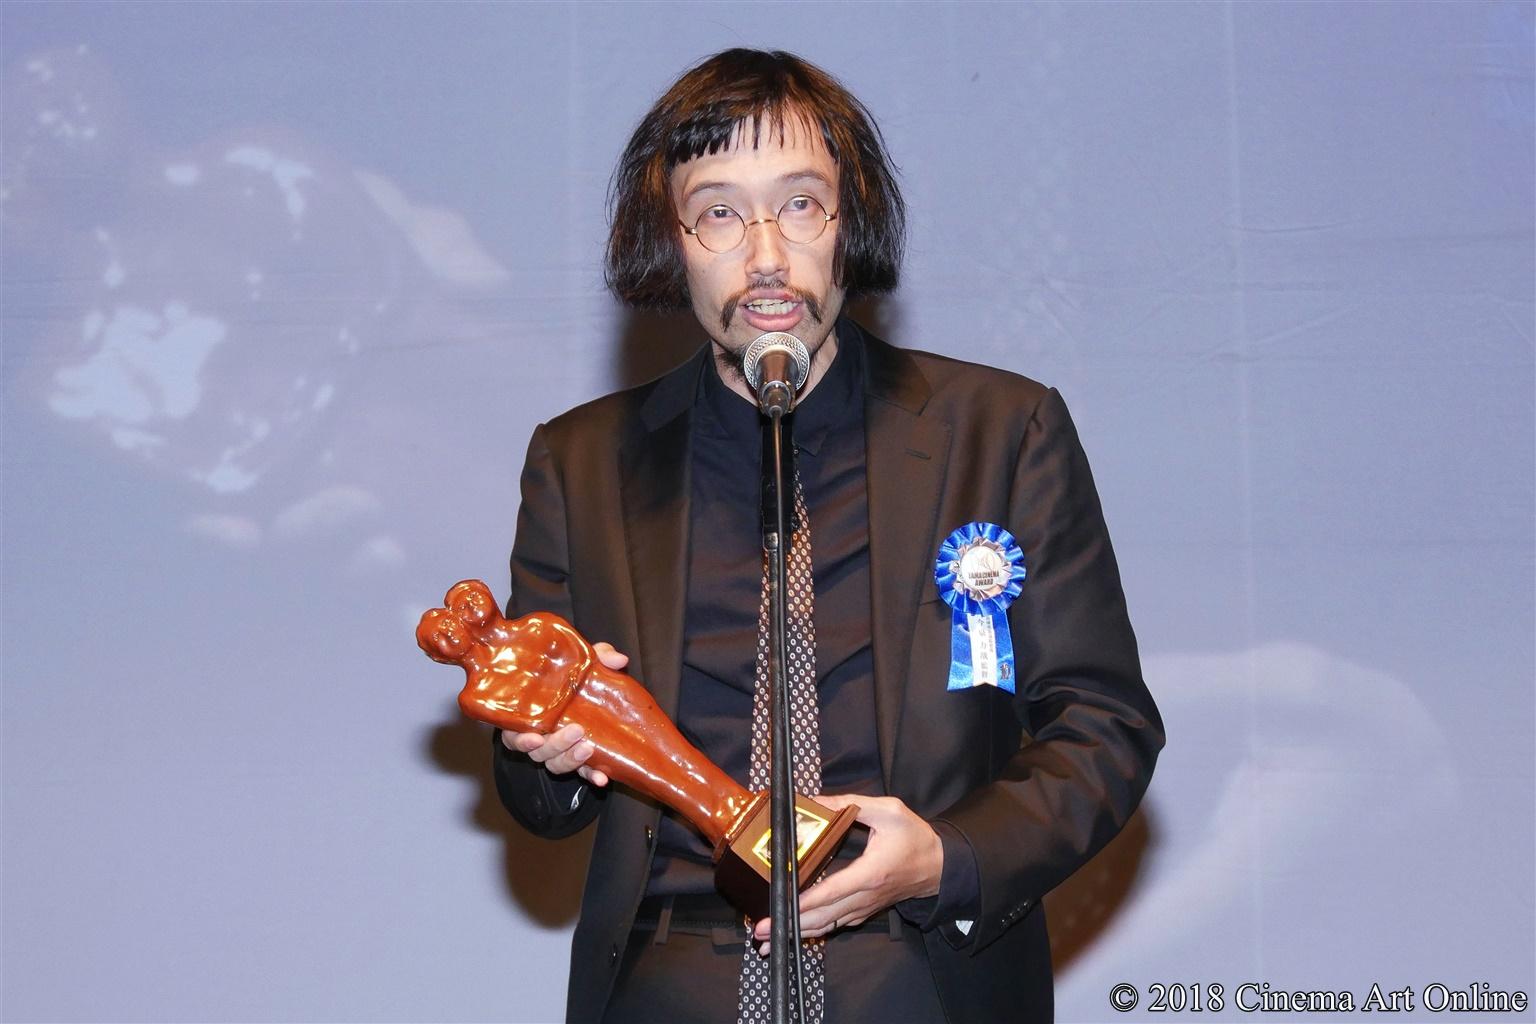 【写真】第10回 TAMA映画賞 授賞式 (今泉力哉監督)